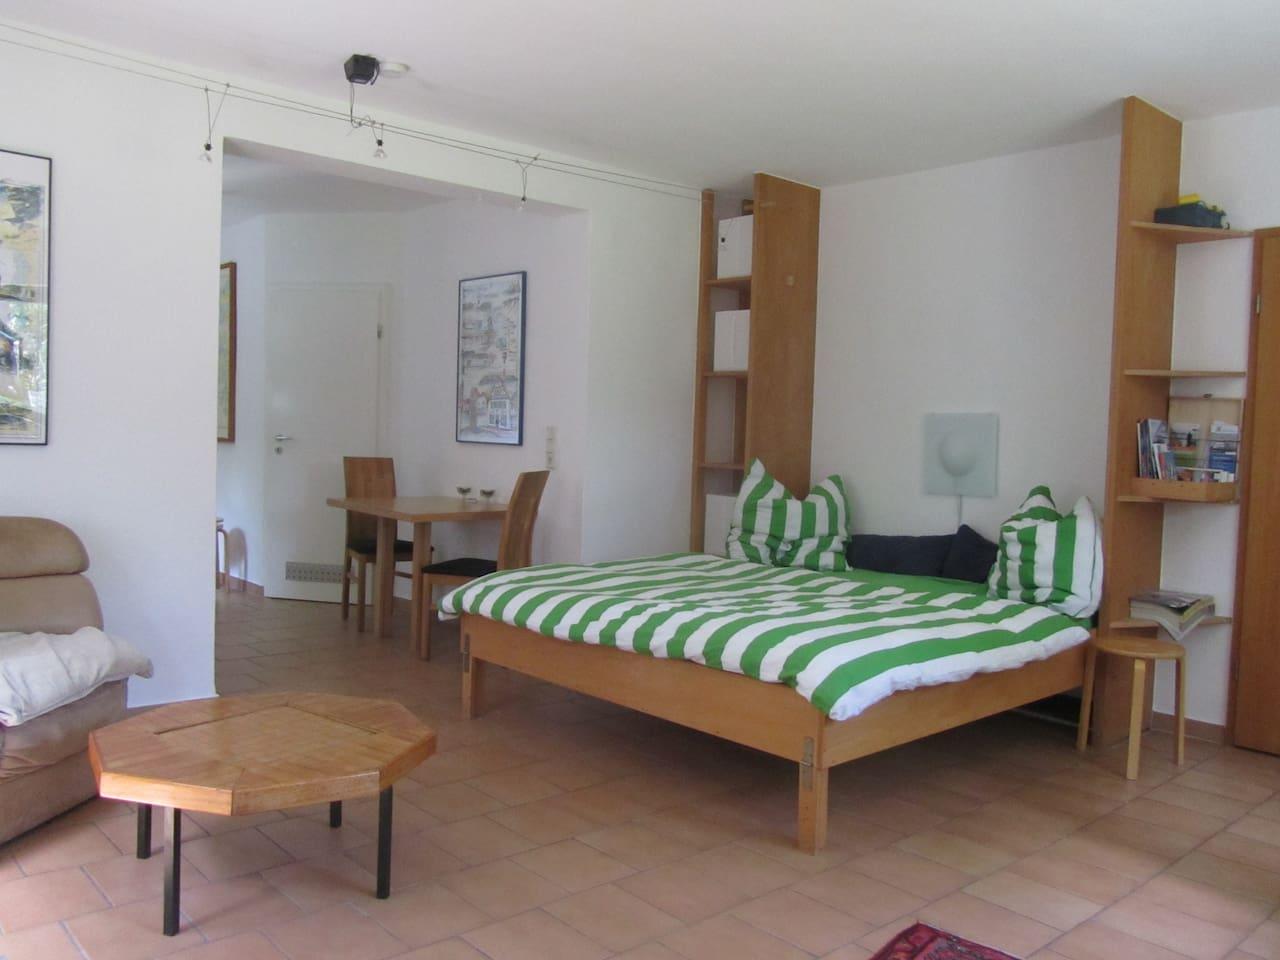 Doppelbett mit Blick auf die Ess- und Sofaecke